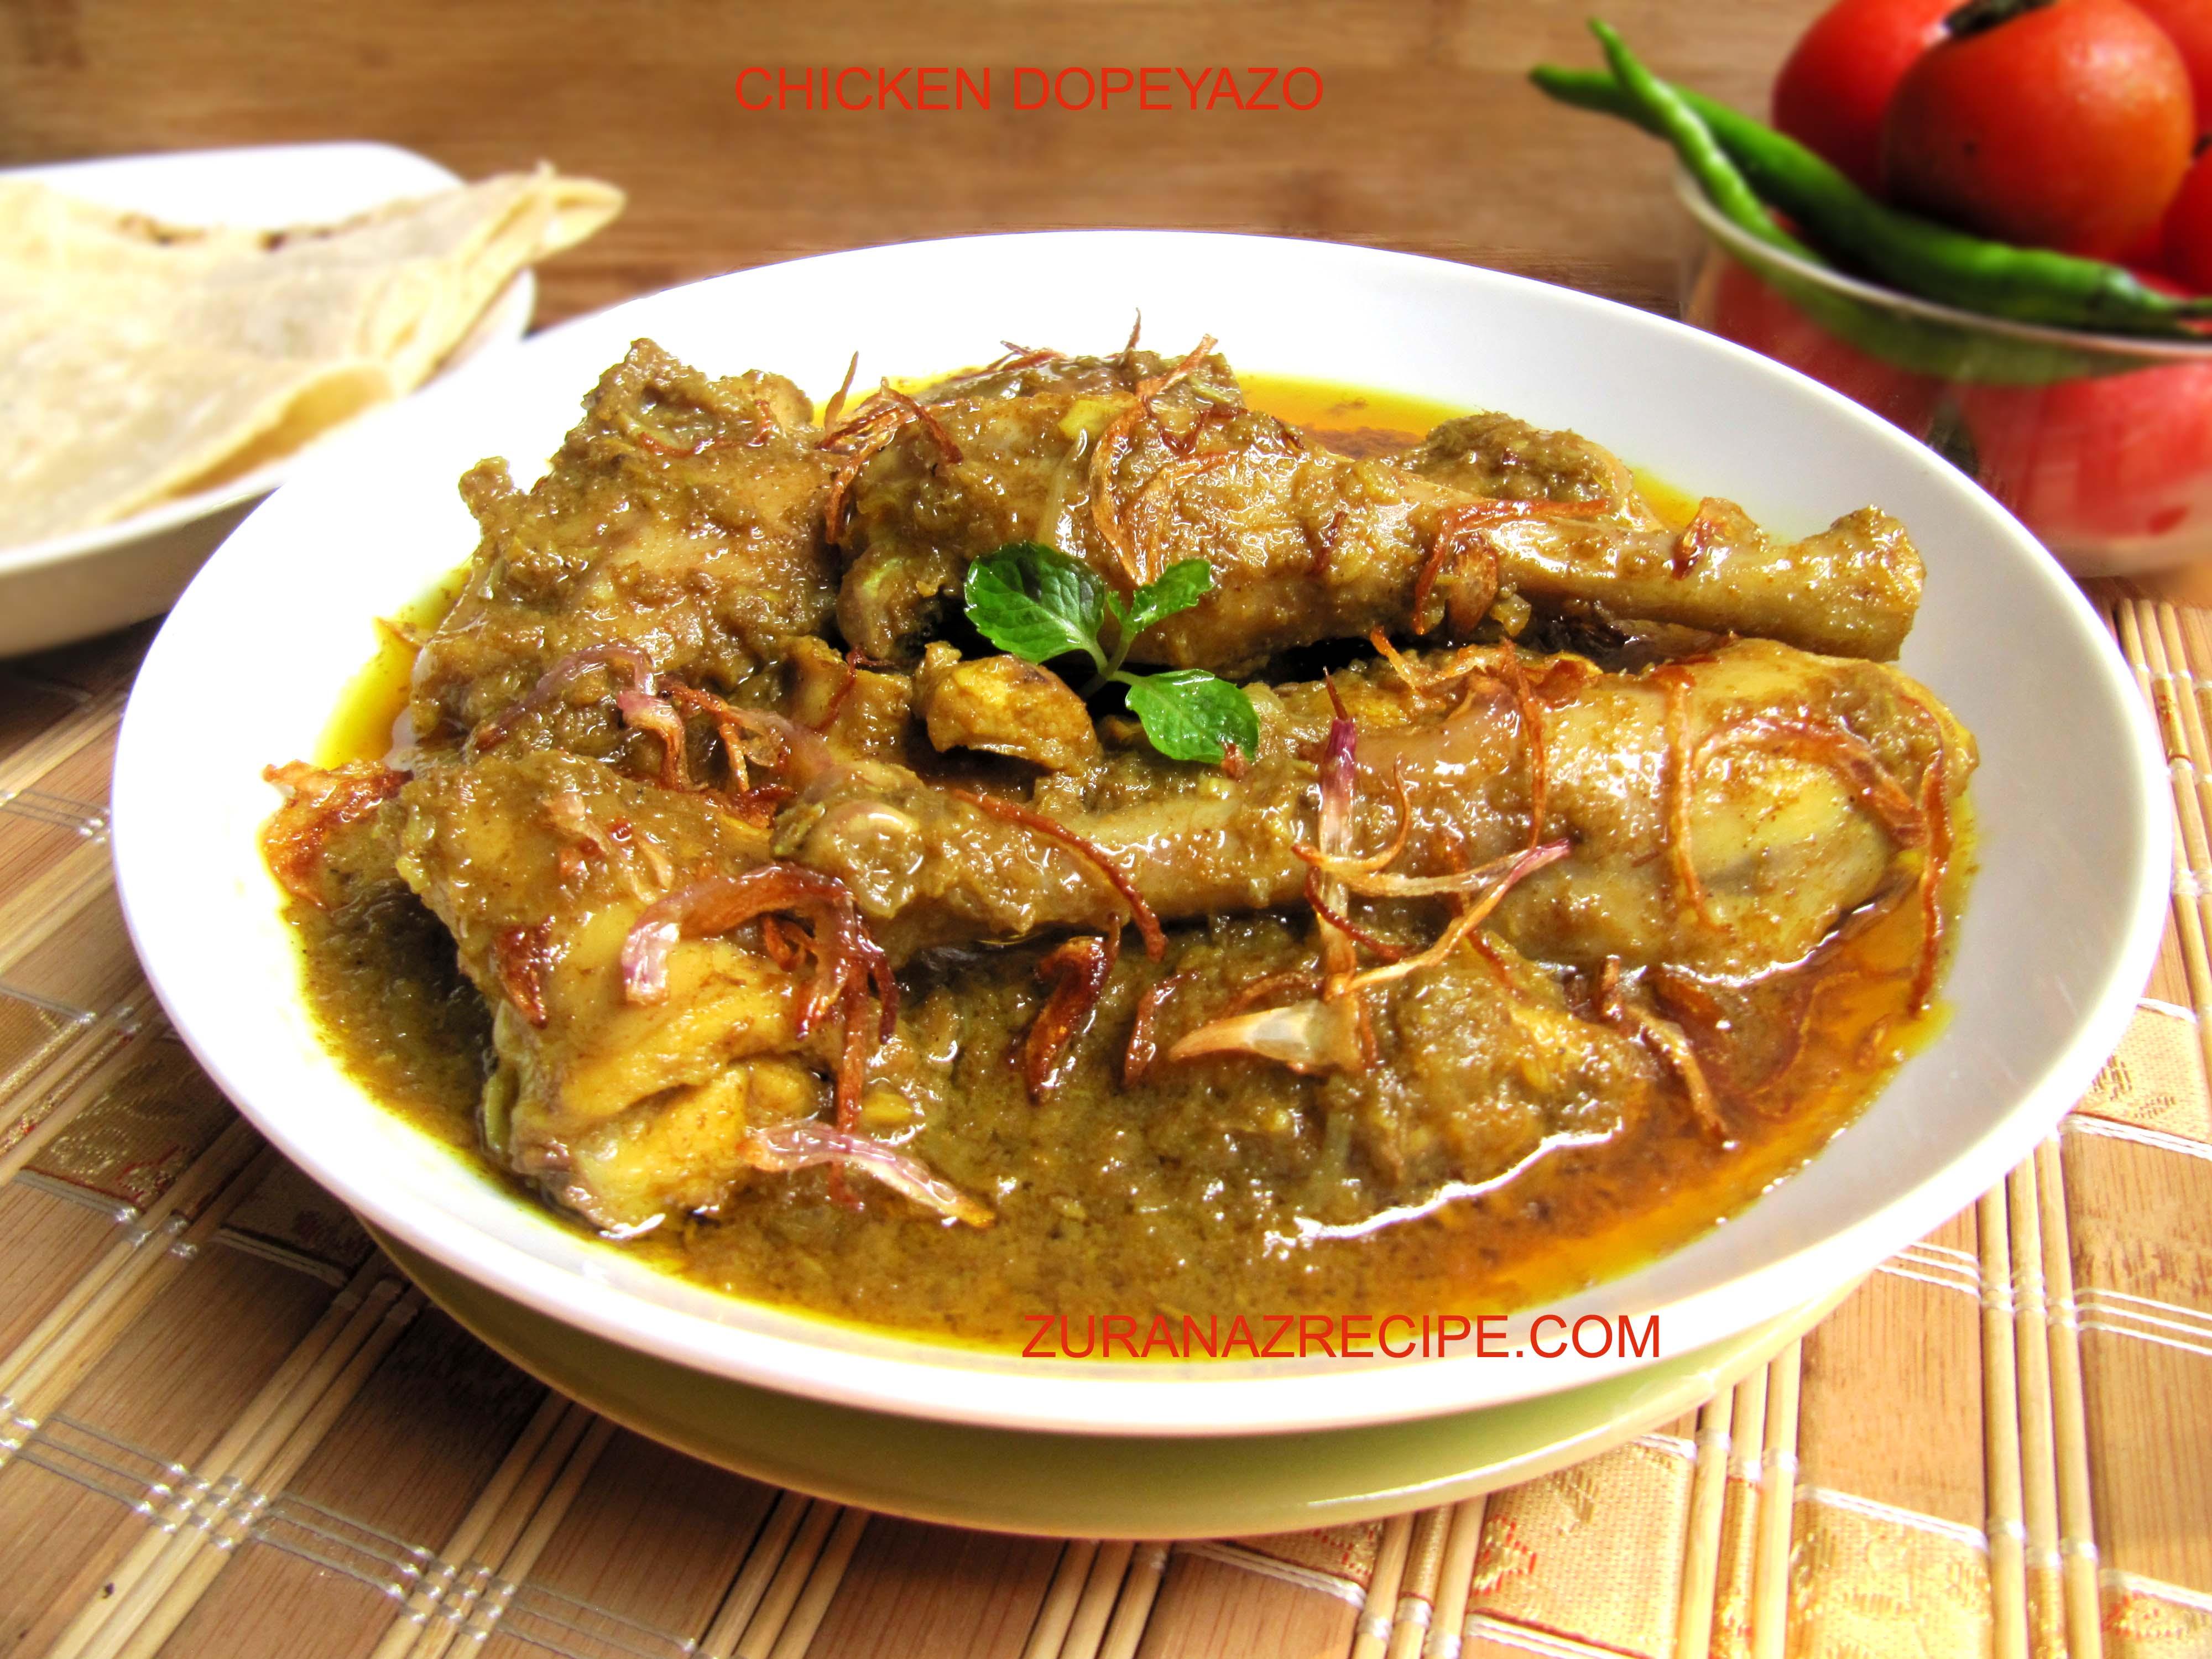 Chicken Dopeyaja/Murgir Dopeyaja